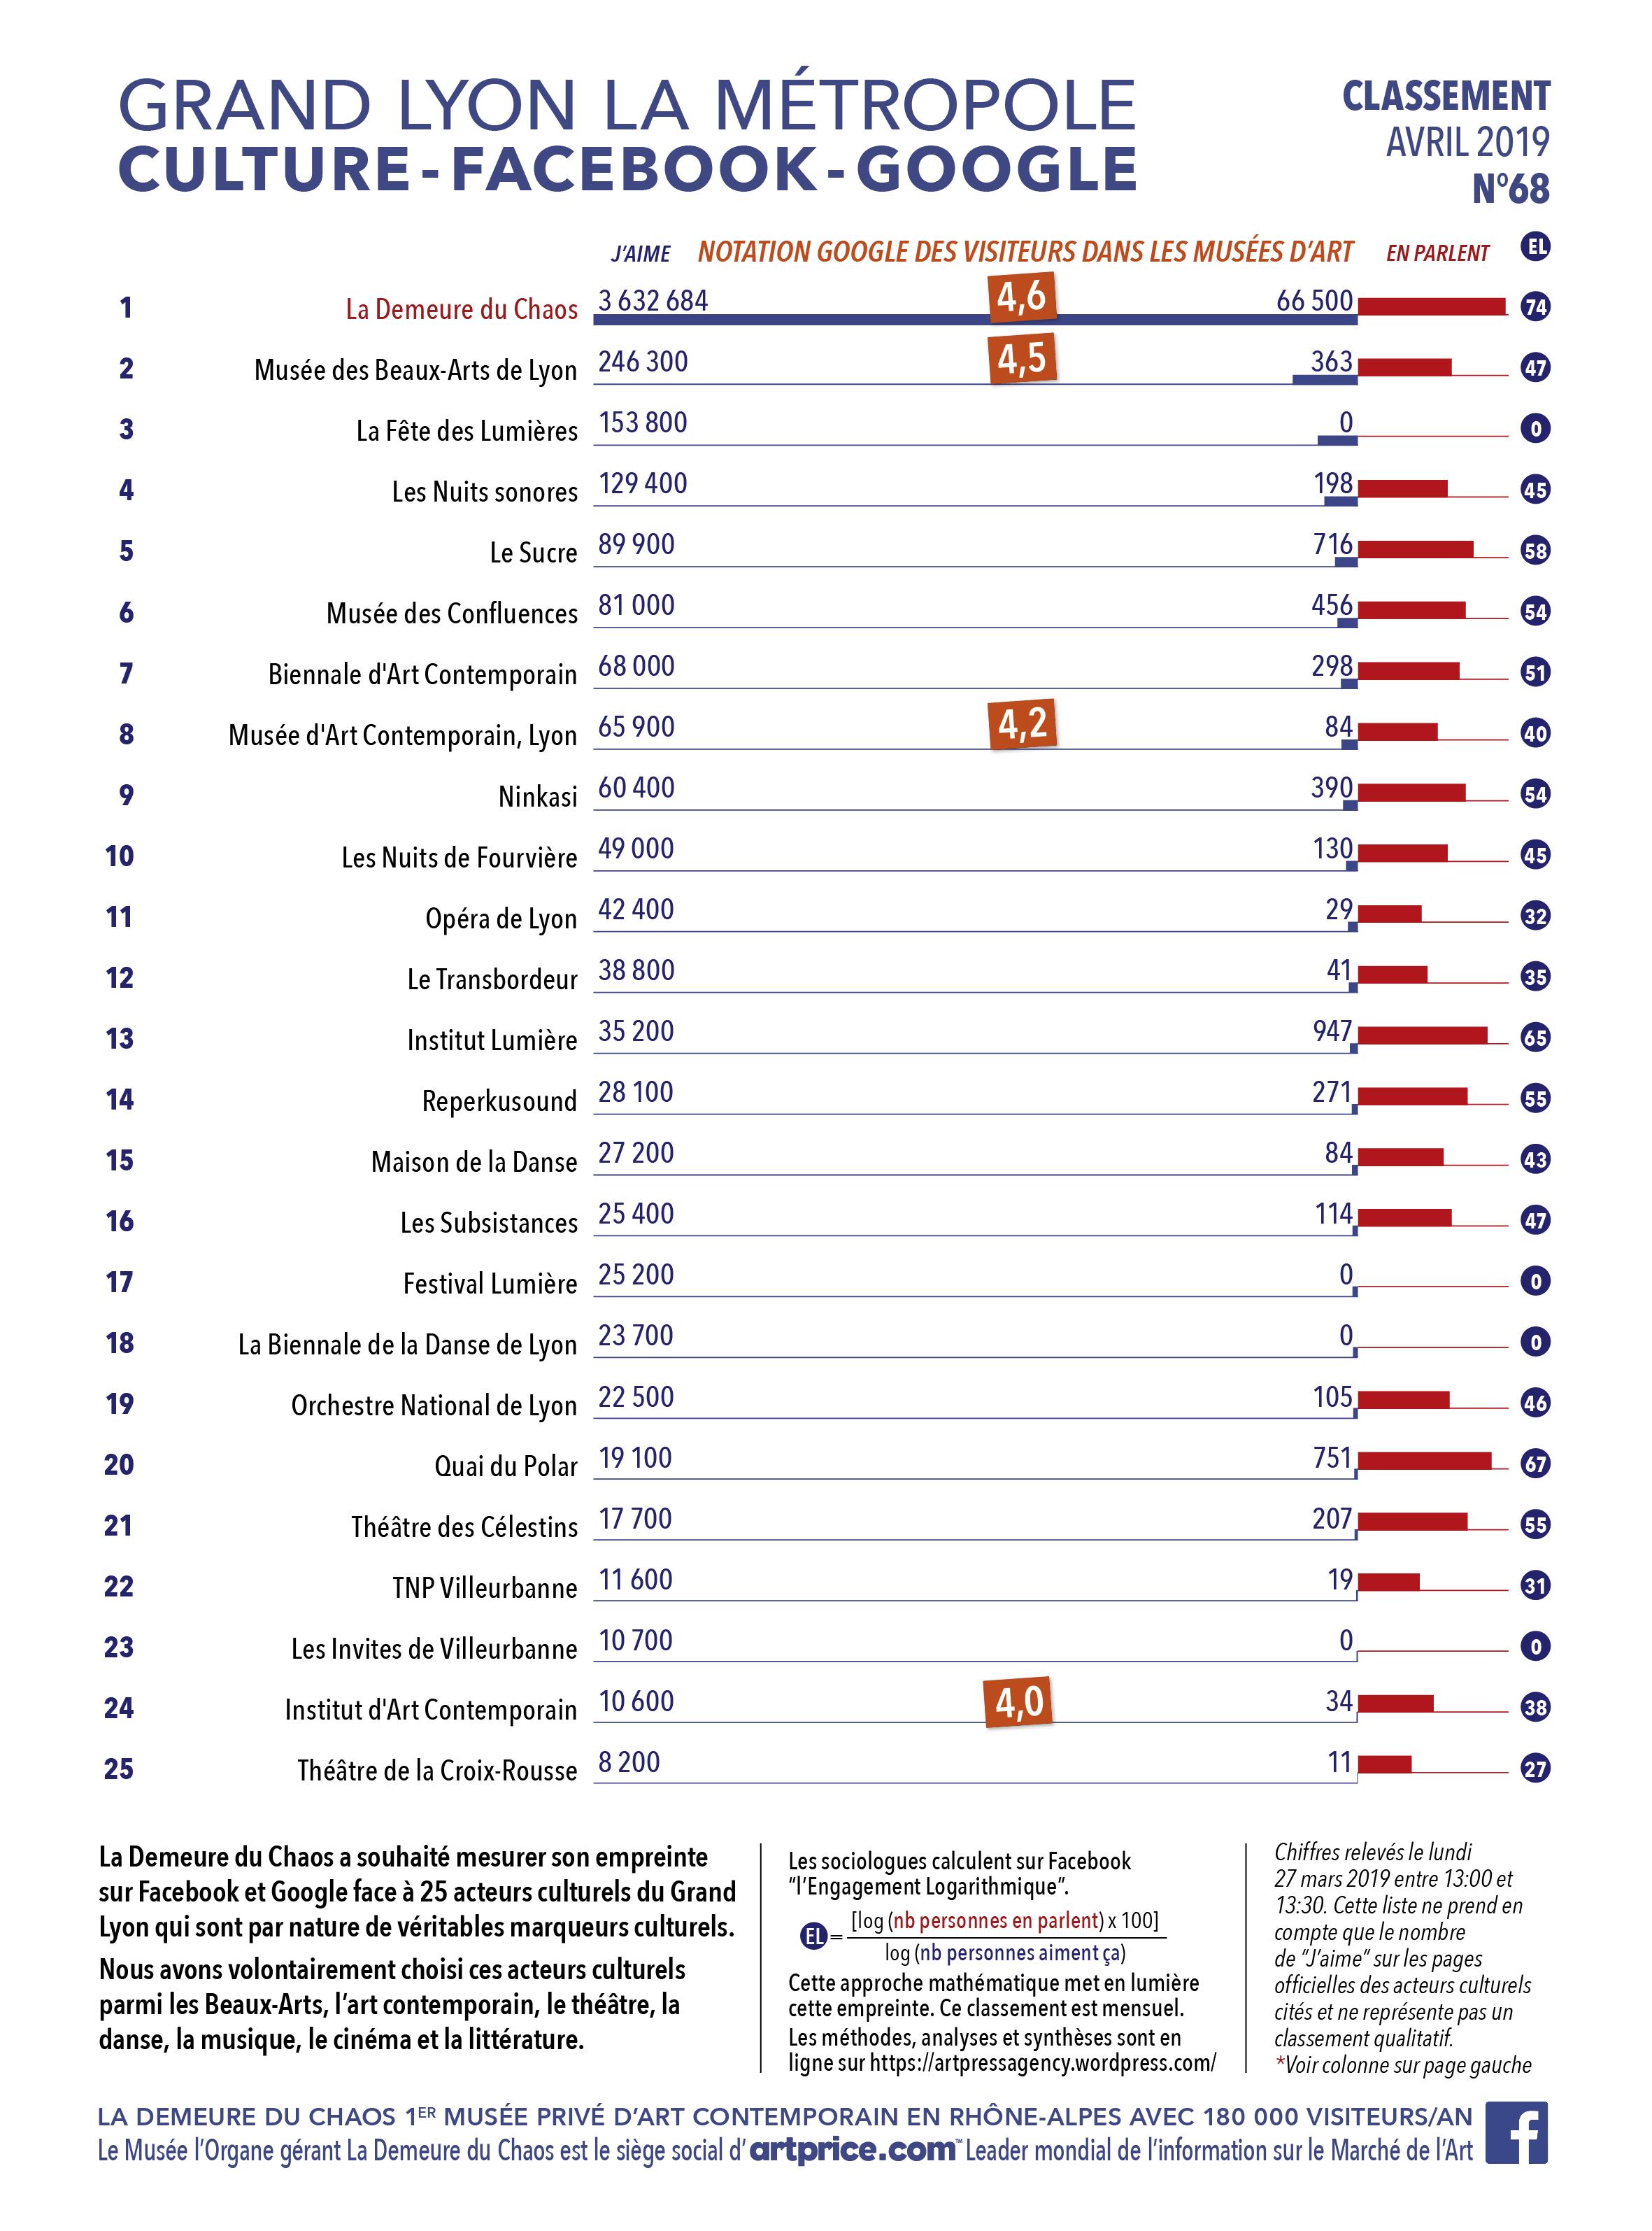 Thierry Ehrmann : En avant première, le classement N°67 exclusif d'Avril 2019 des principaux acteurs culturels du Grand Lyon, la Métropole